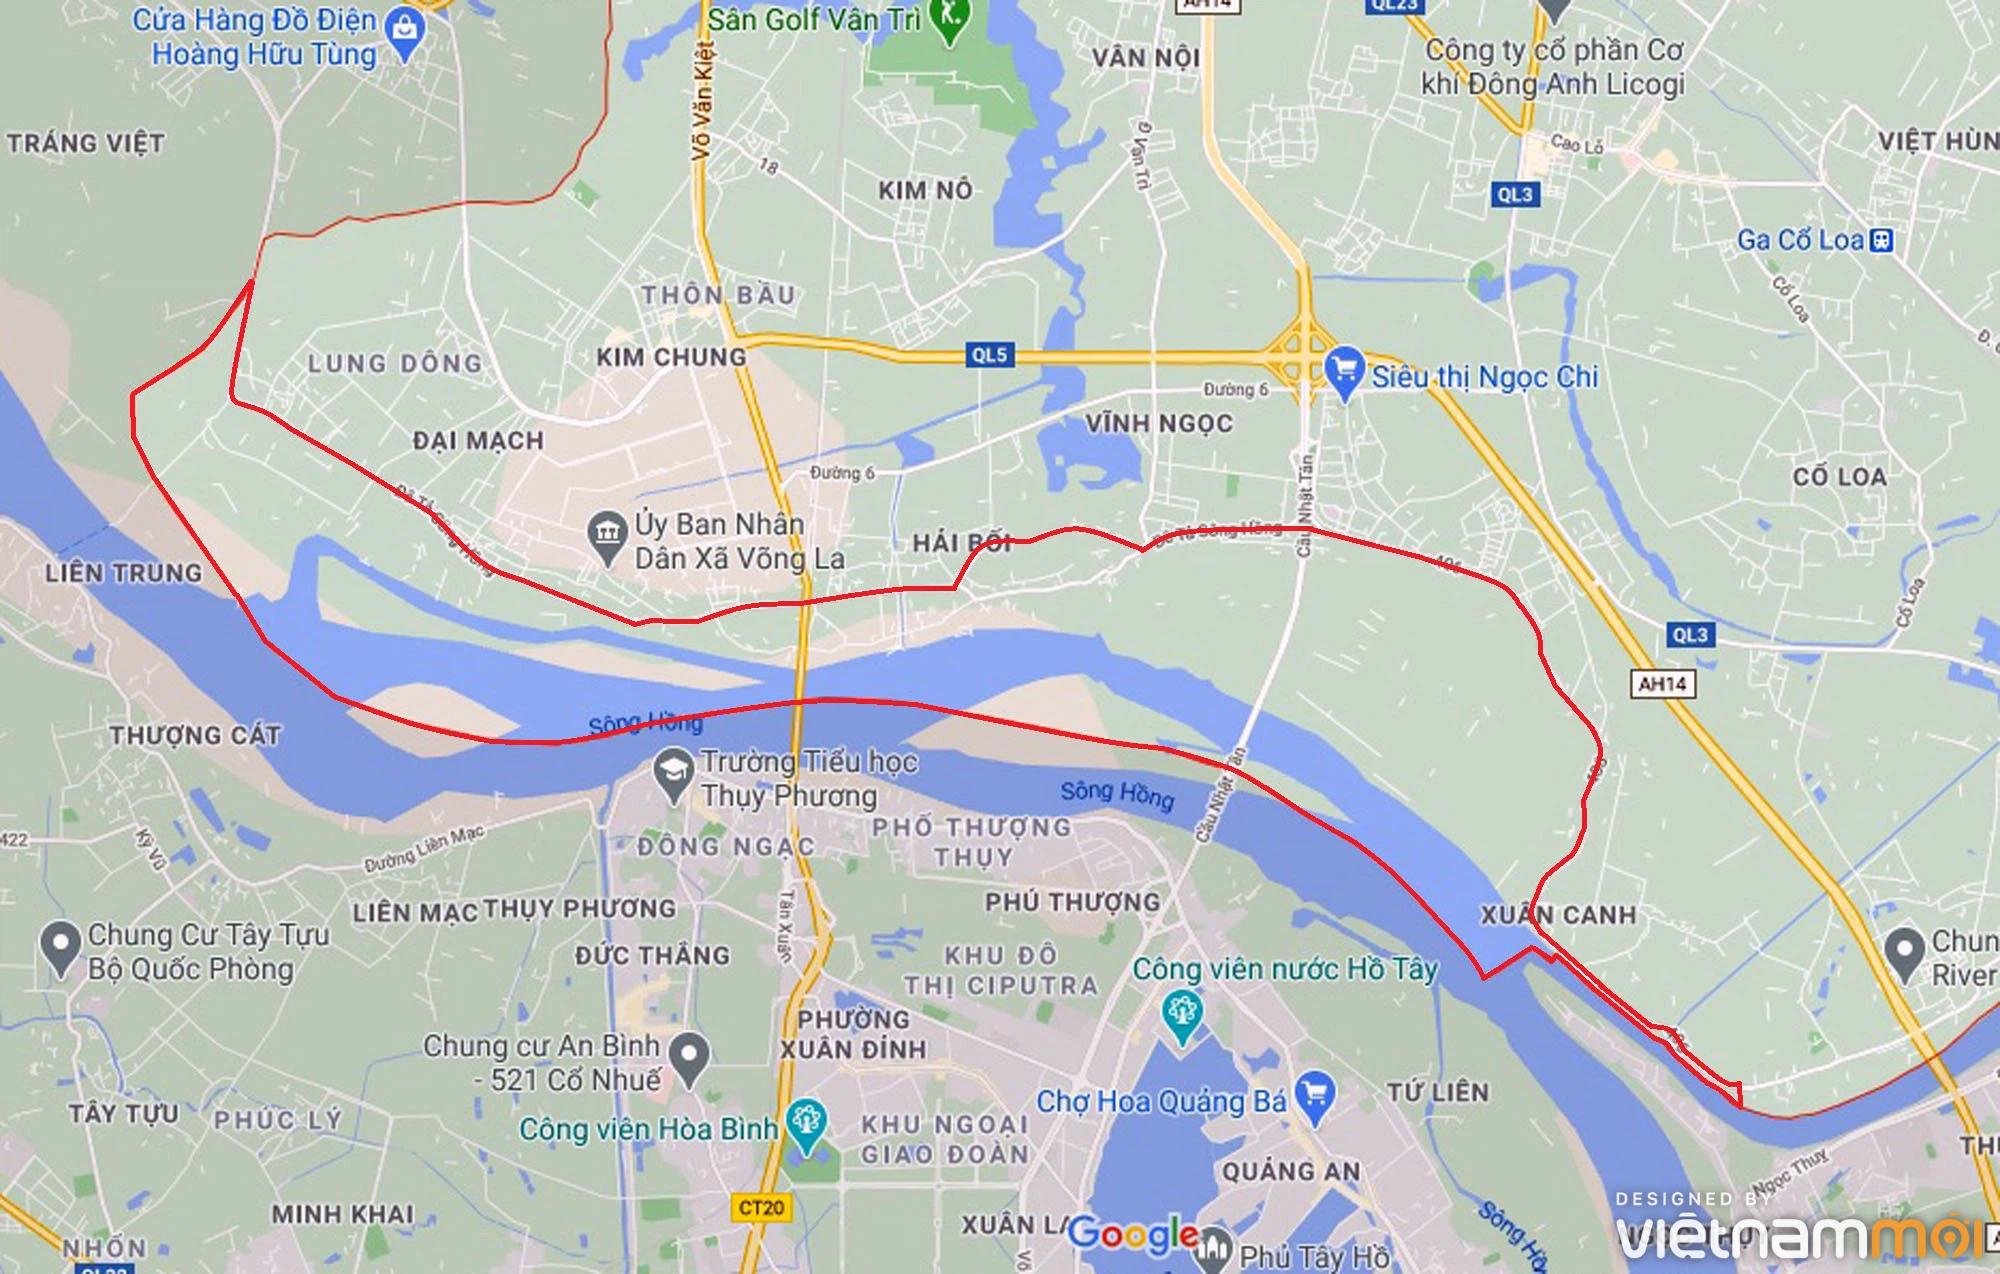 Toàn cảnh hiện trạng Phân khu đô thị sông Hồng trên địa bàn huyện Đông Anh - Ảnh 1.